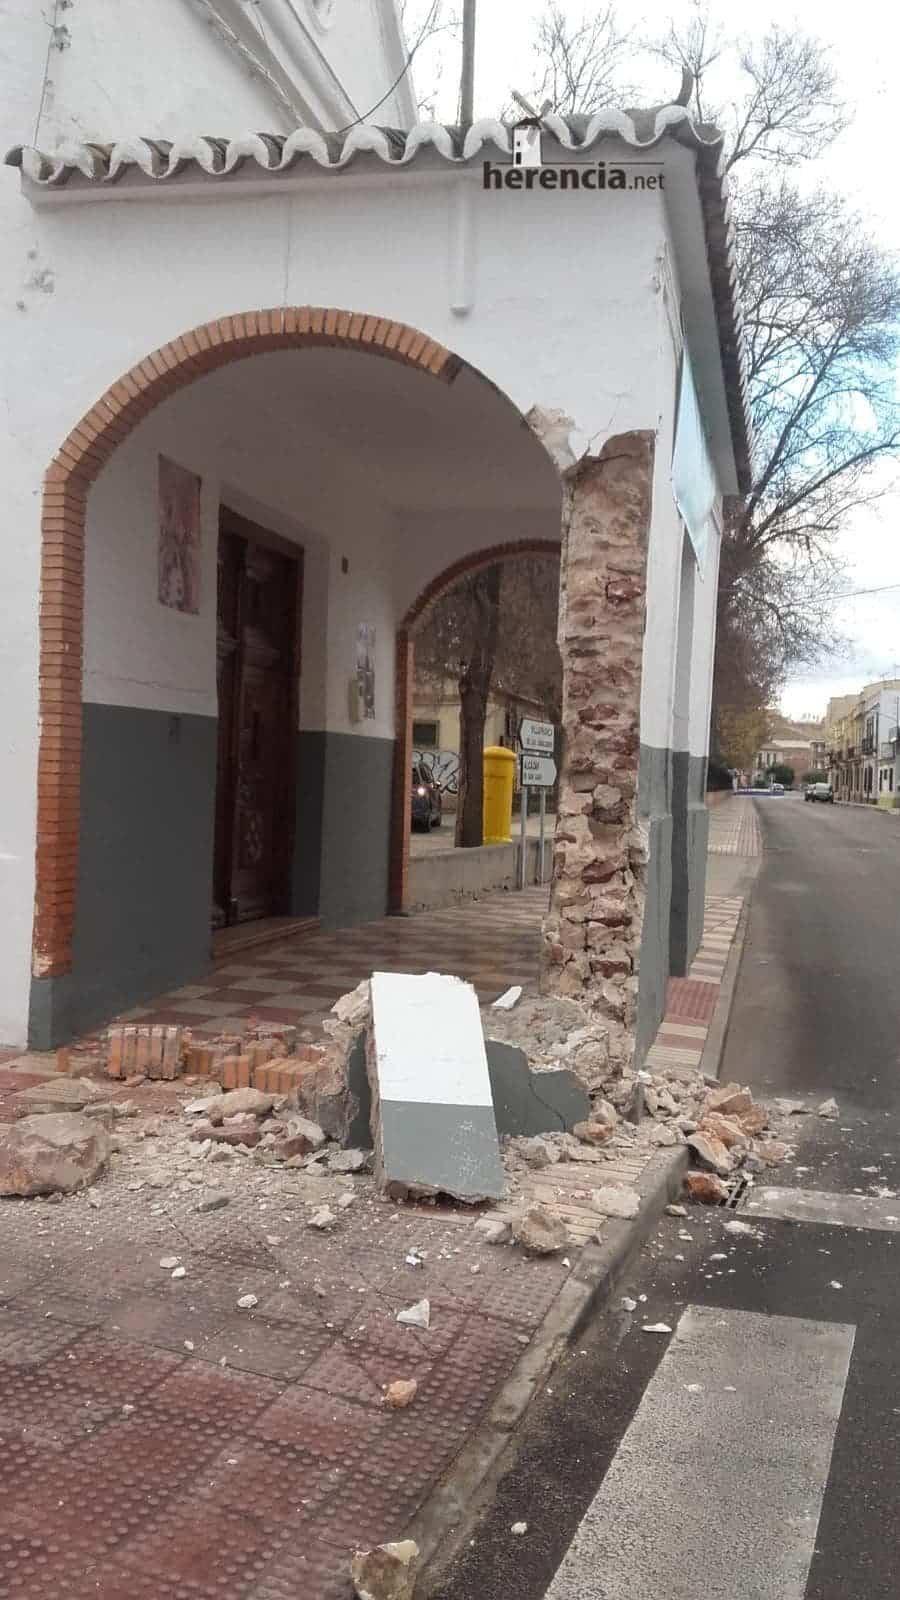 accidente contra ermita la encarnacion herencia 3 - Un portacoches se lleva por delante la pared de la Ermita de La Encarnación